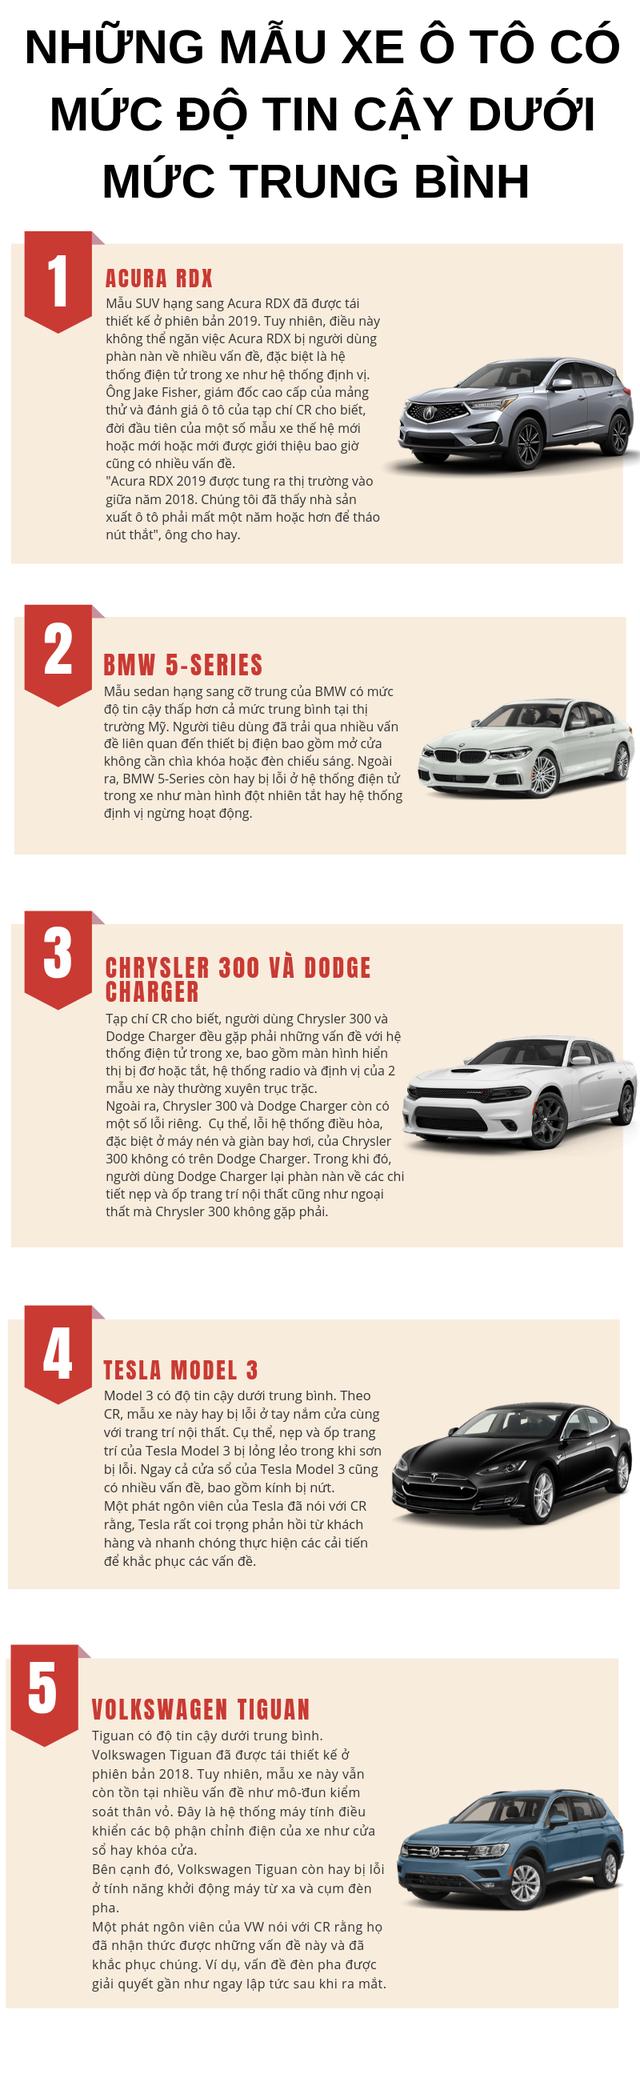 Diểm danh những mẫu xe ô tô mức độ tin cậy dưới trung bình, người tiêu dùng nên cân nhắc khi mua - Ảnh 1.